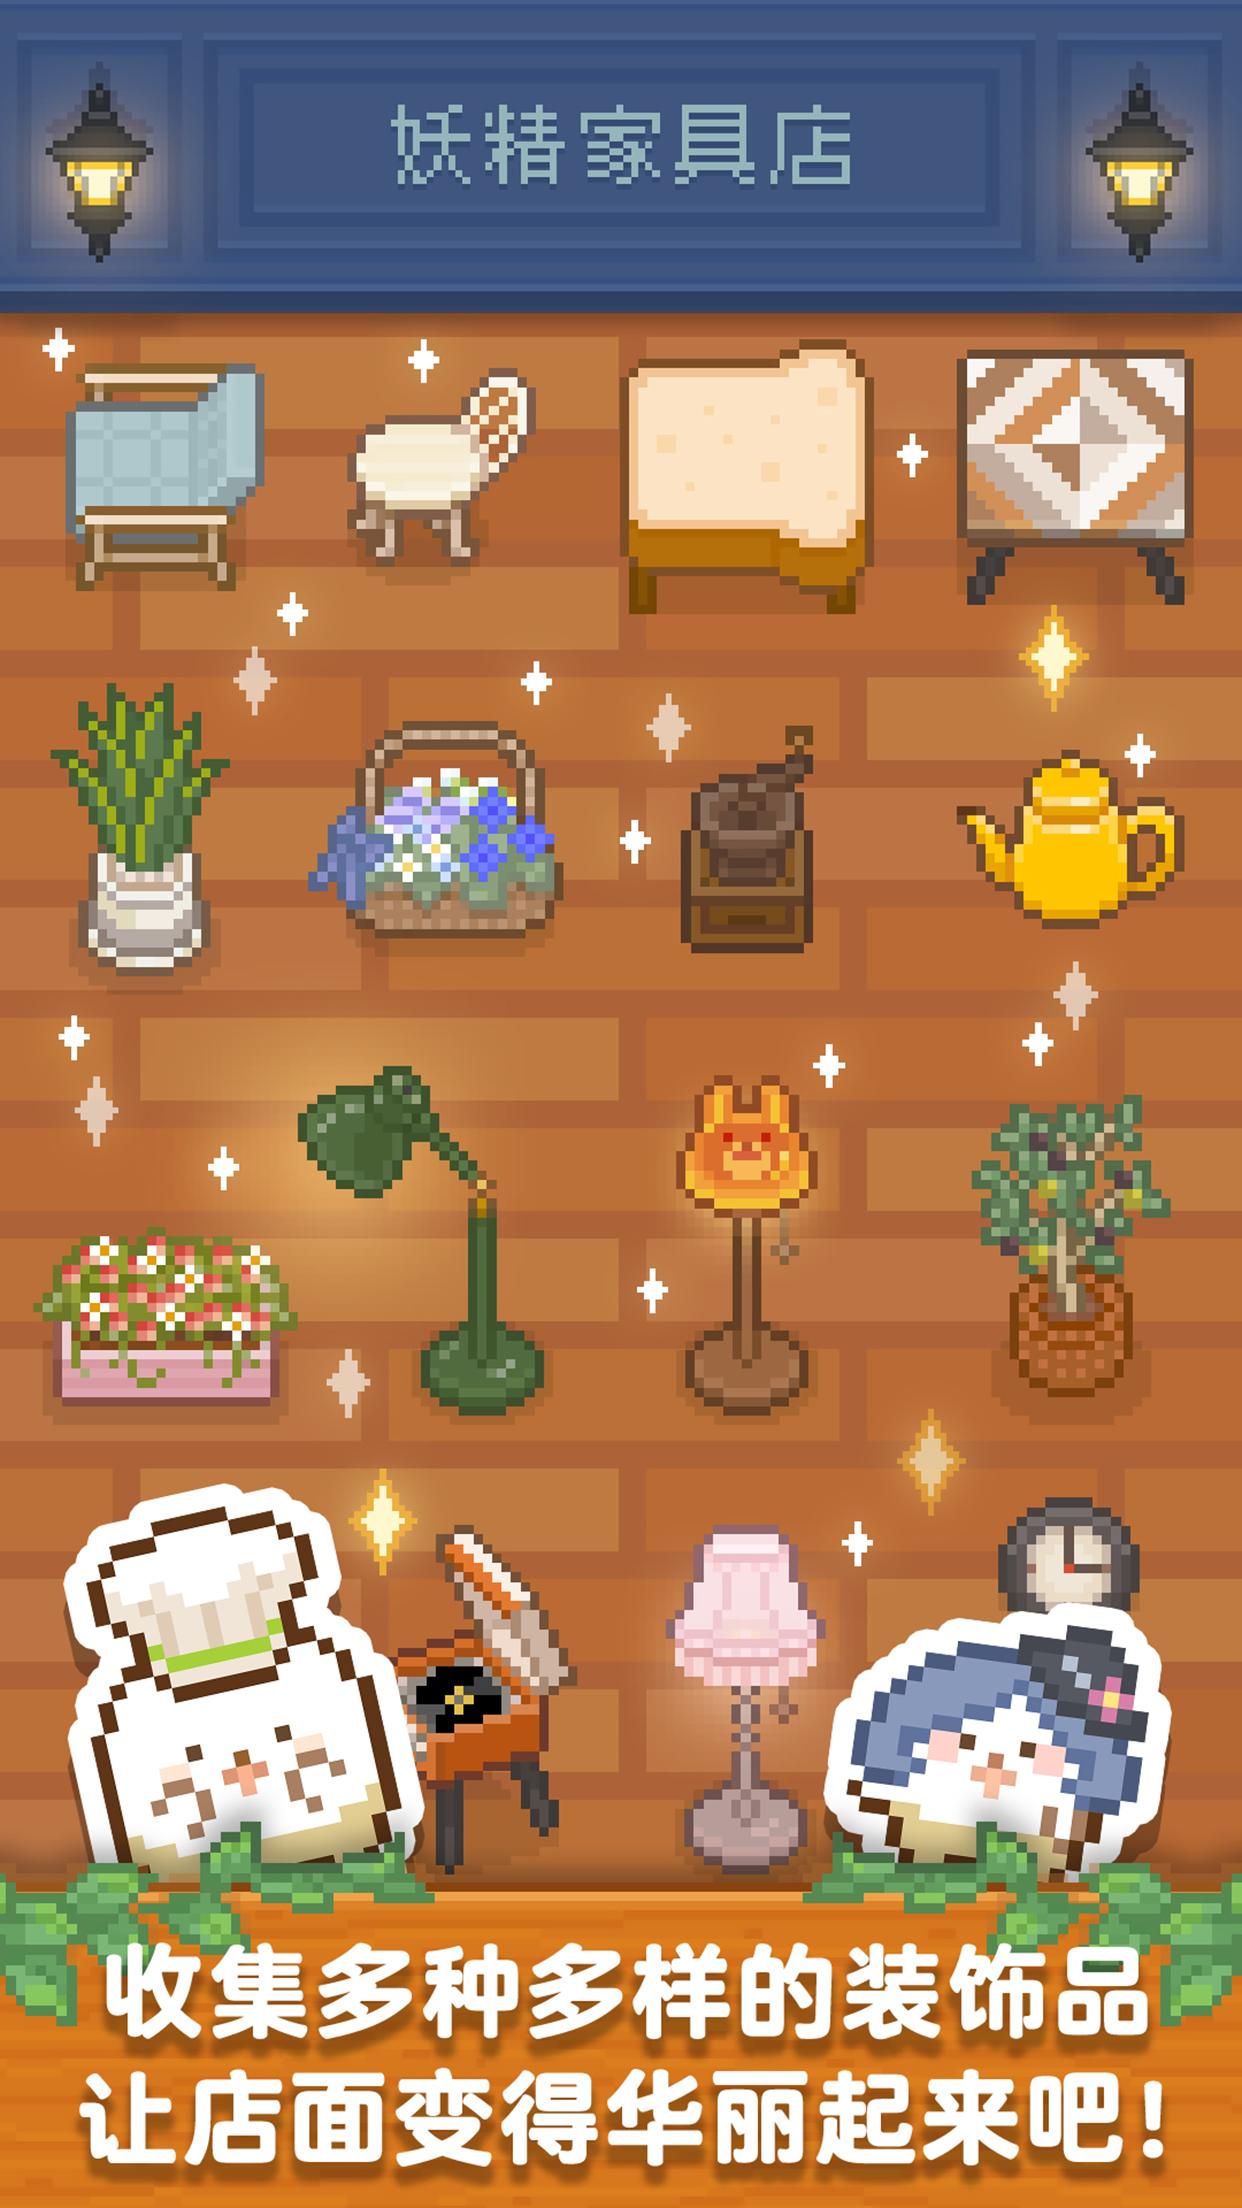 妖精面包房游戏截图